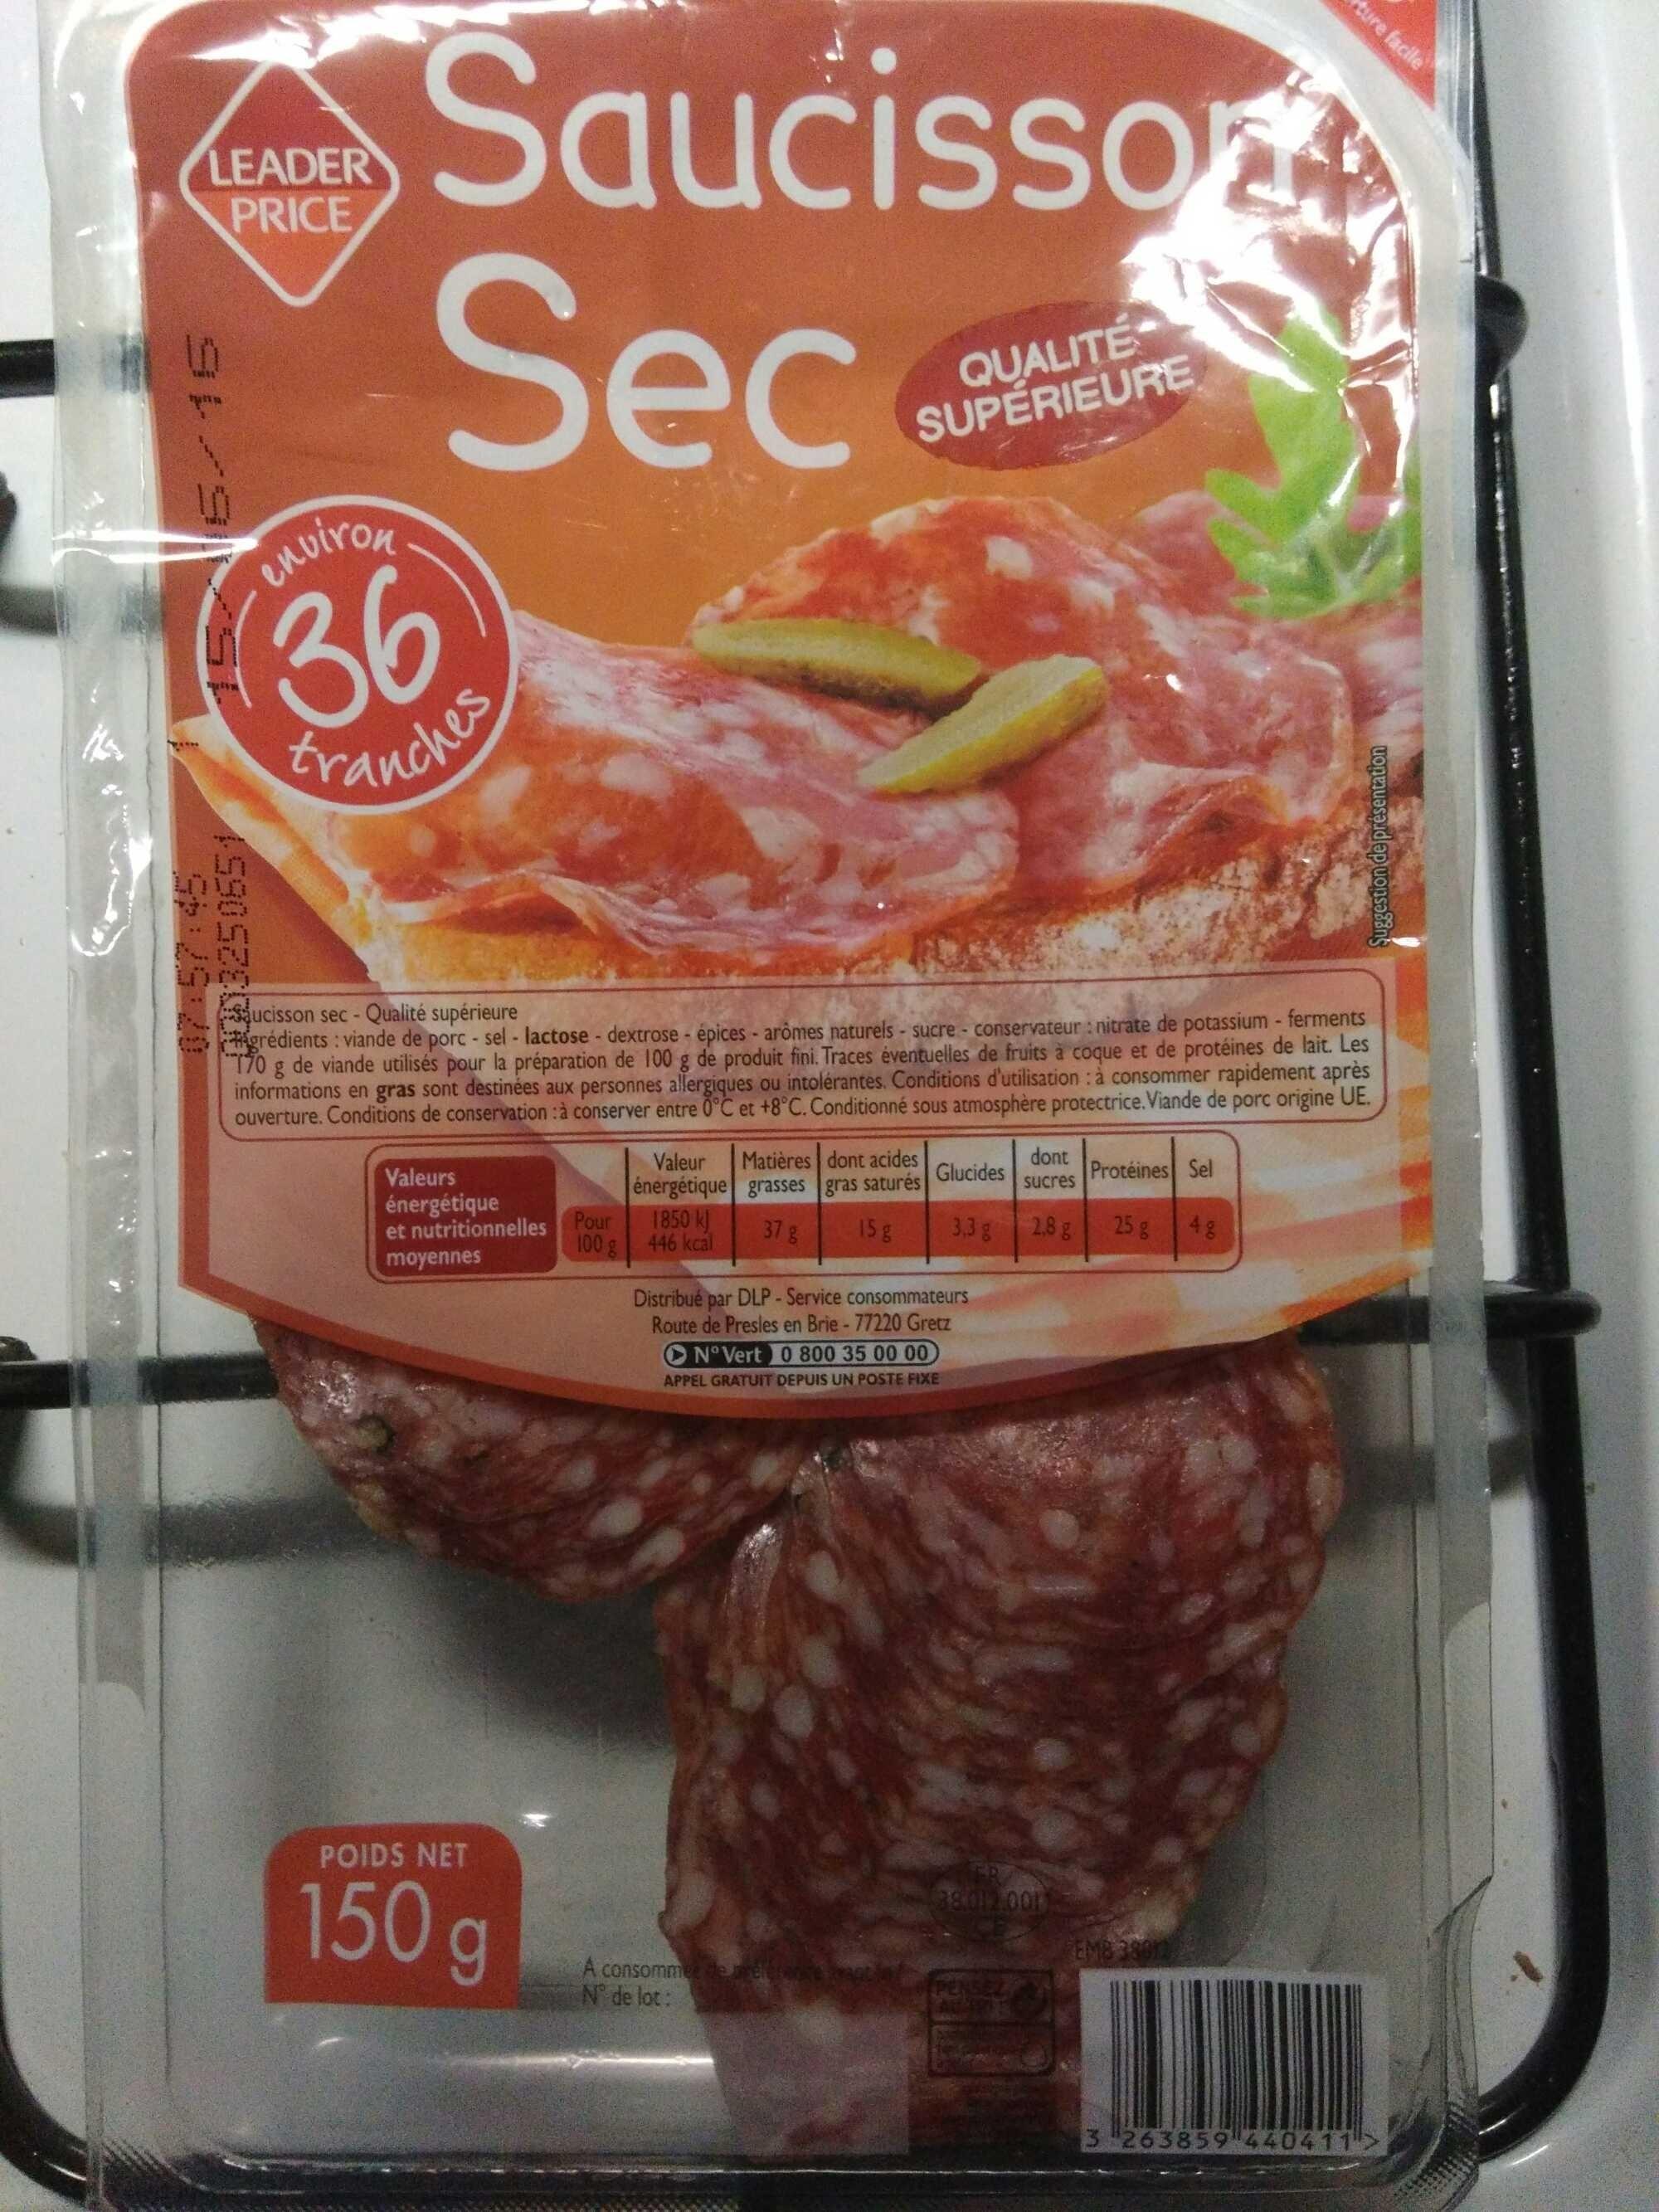 Saucisson Sec - Qualité Supérieure - Prodotto - fr